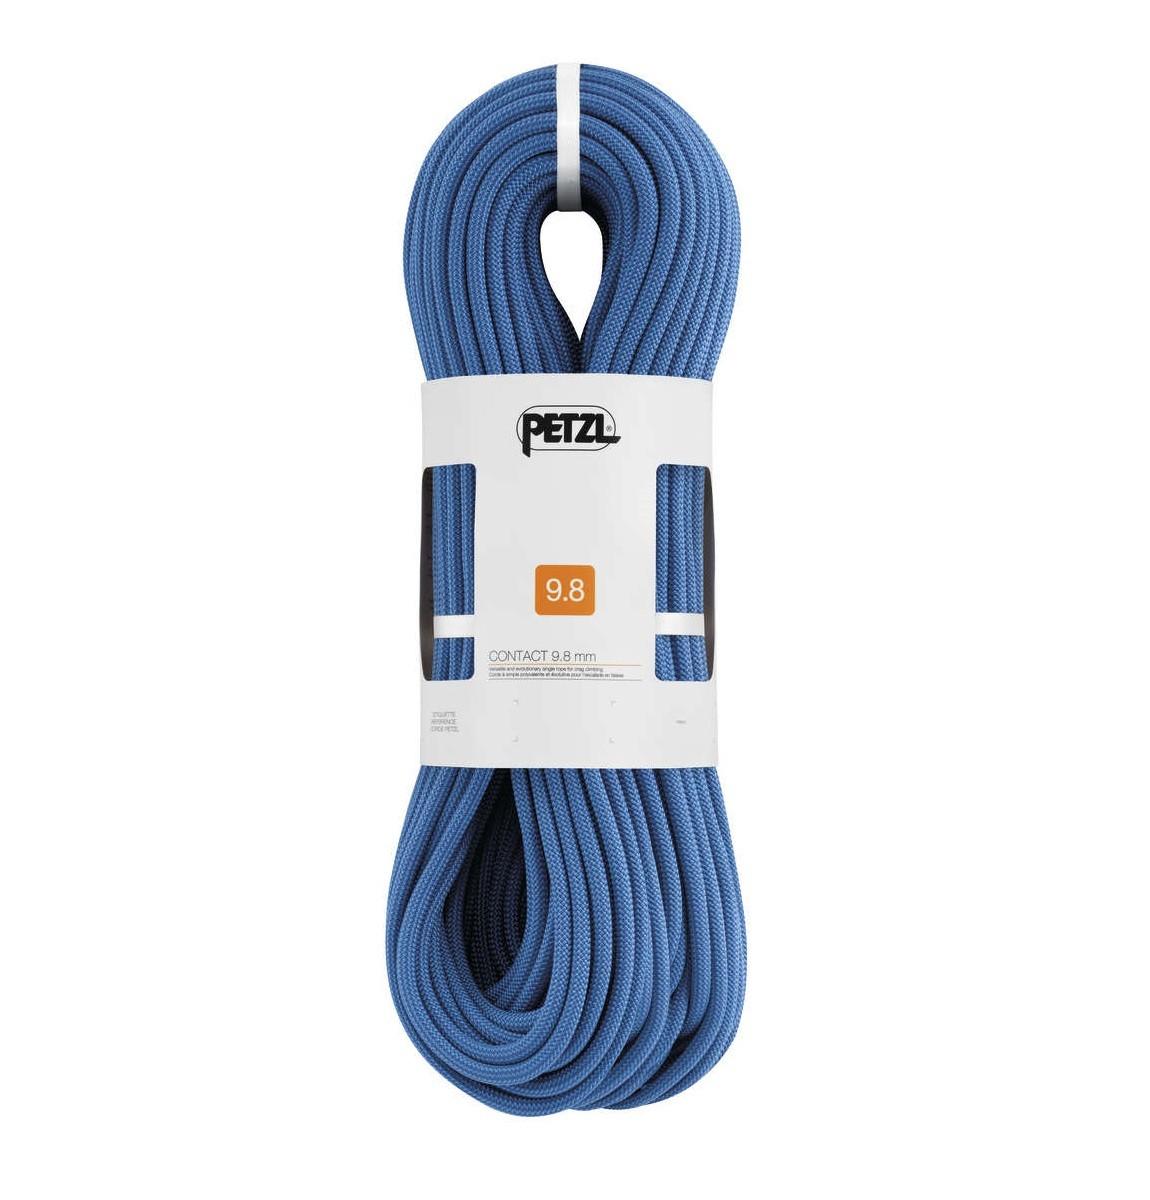 Contact 9,8 mm - Corda Dinâmica 60 Metros Petzl